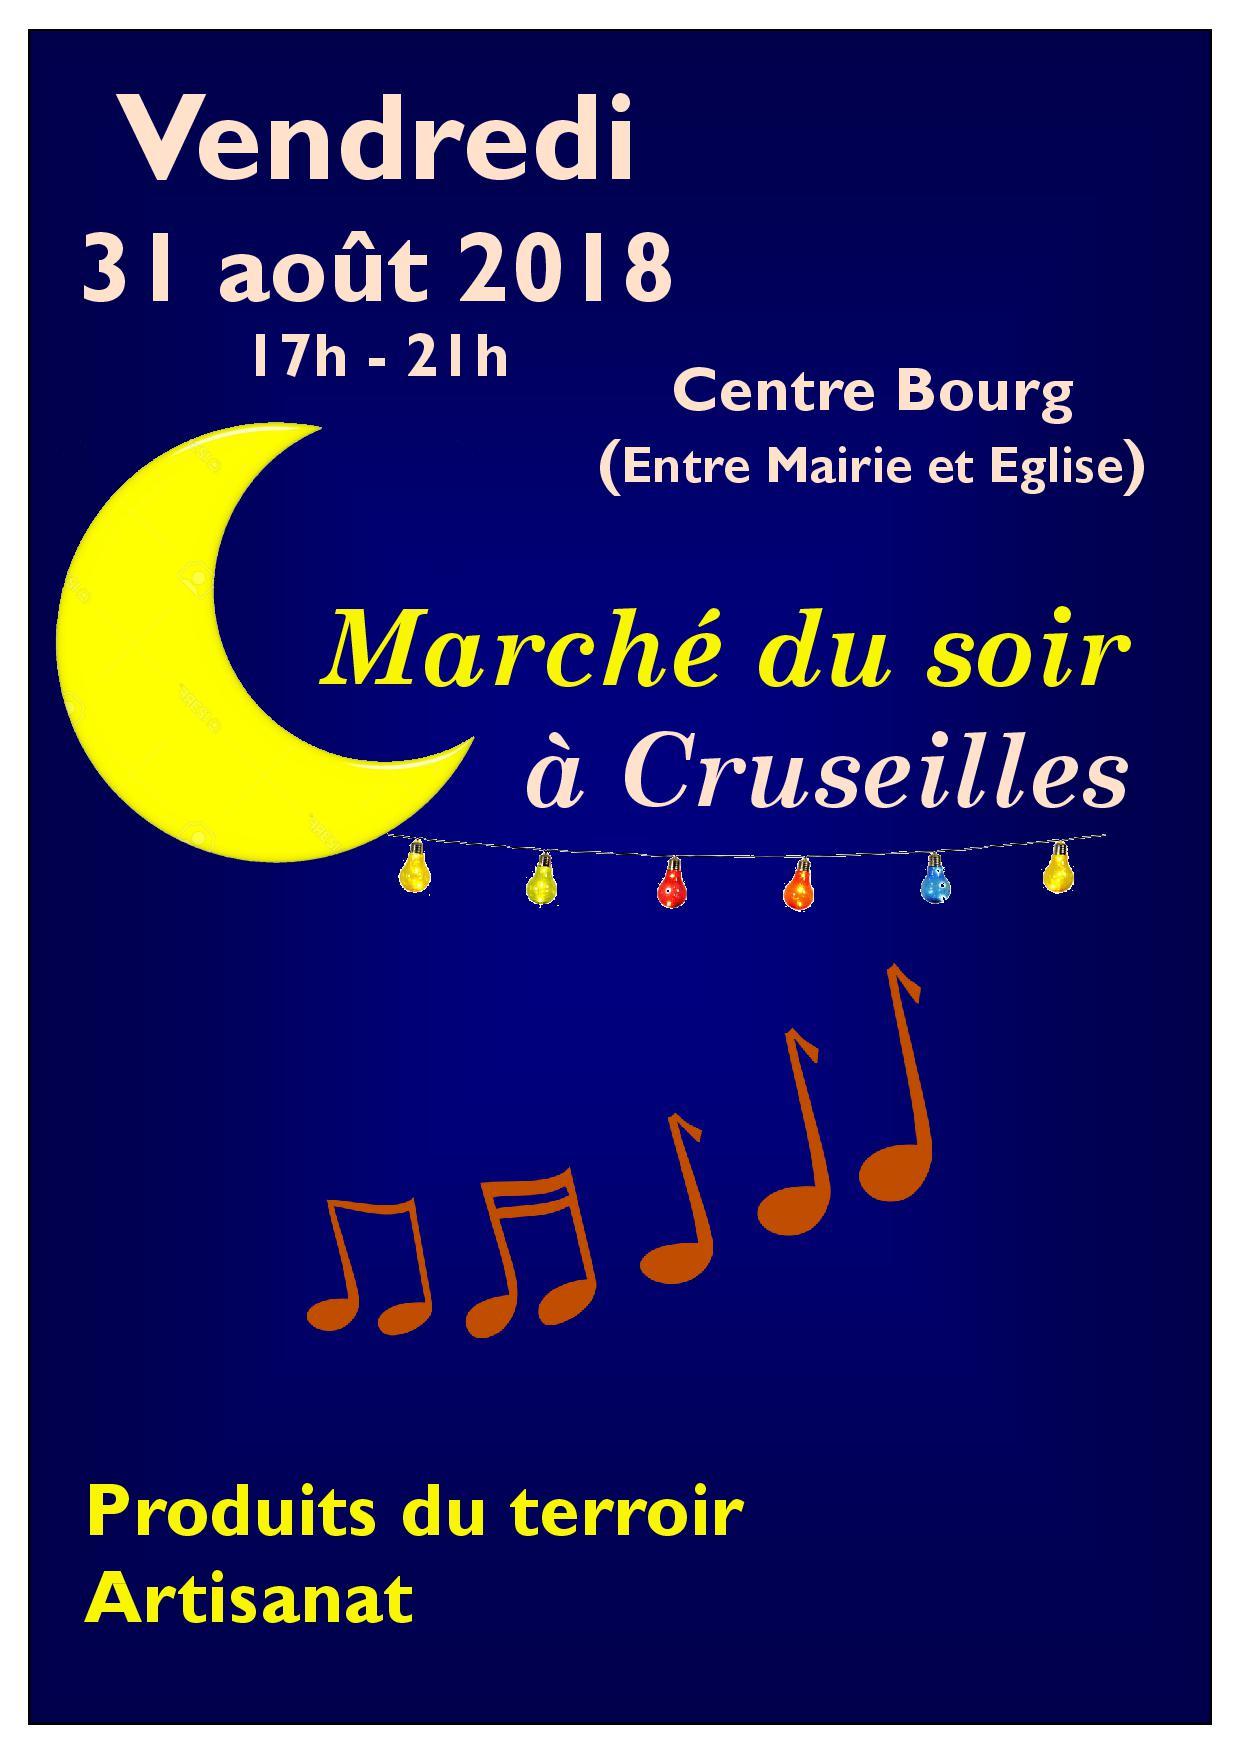 R_Mes documents_AFFICHES_2018_marchés du soir_31 aout 2018